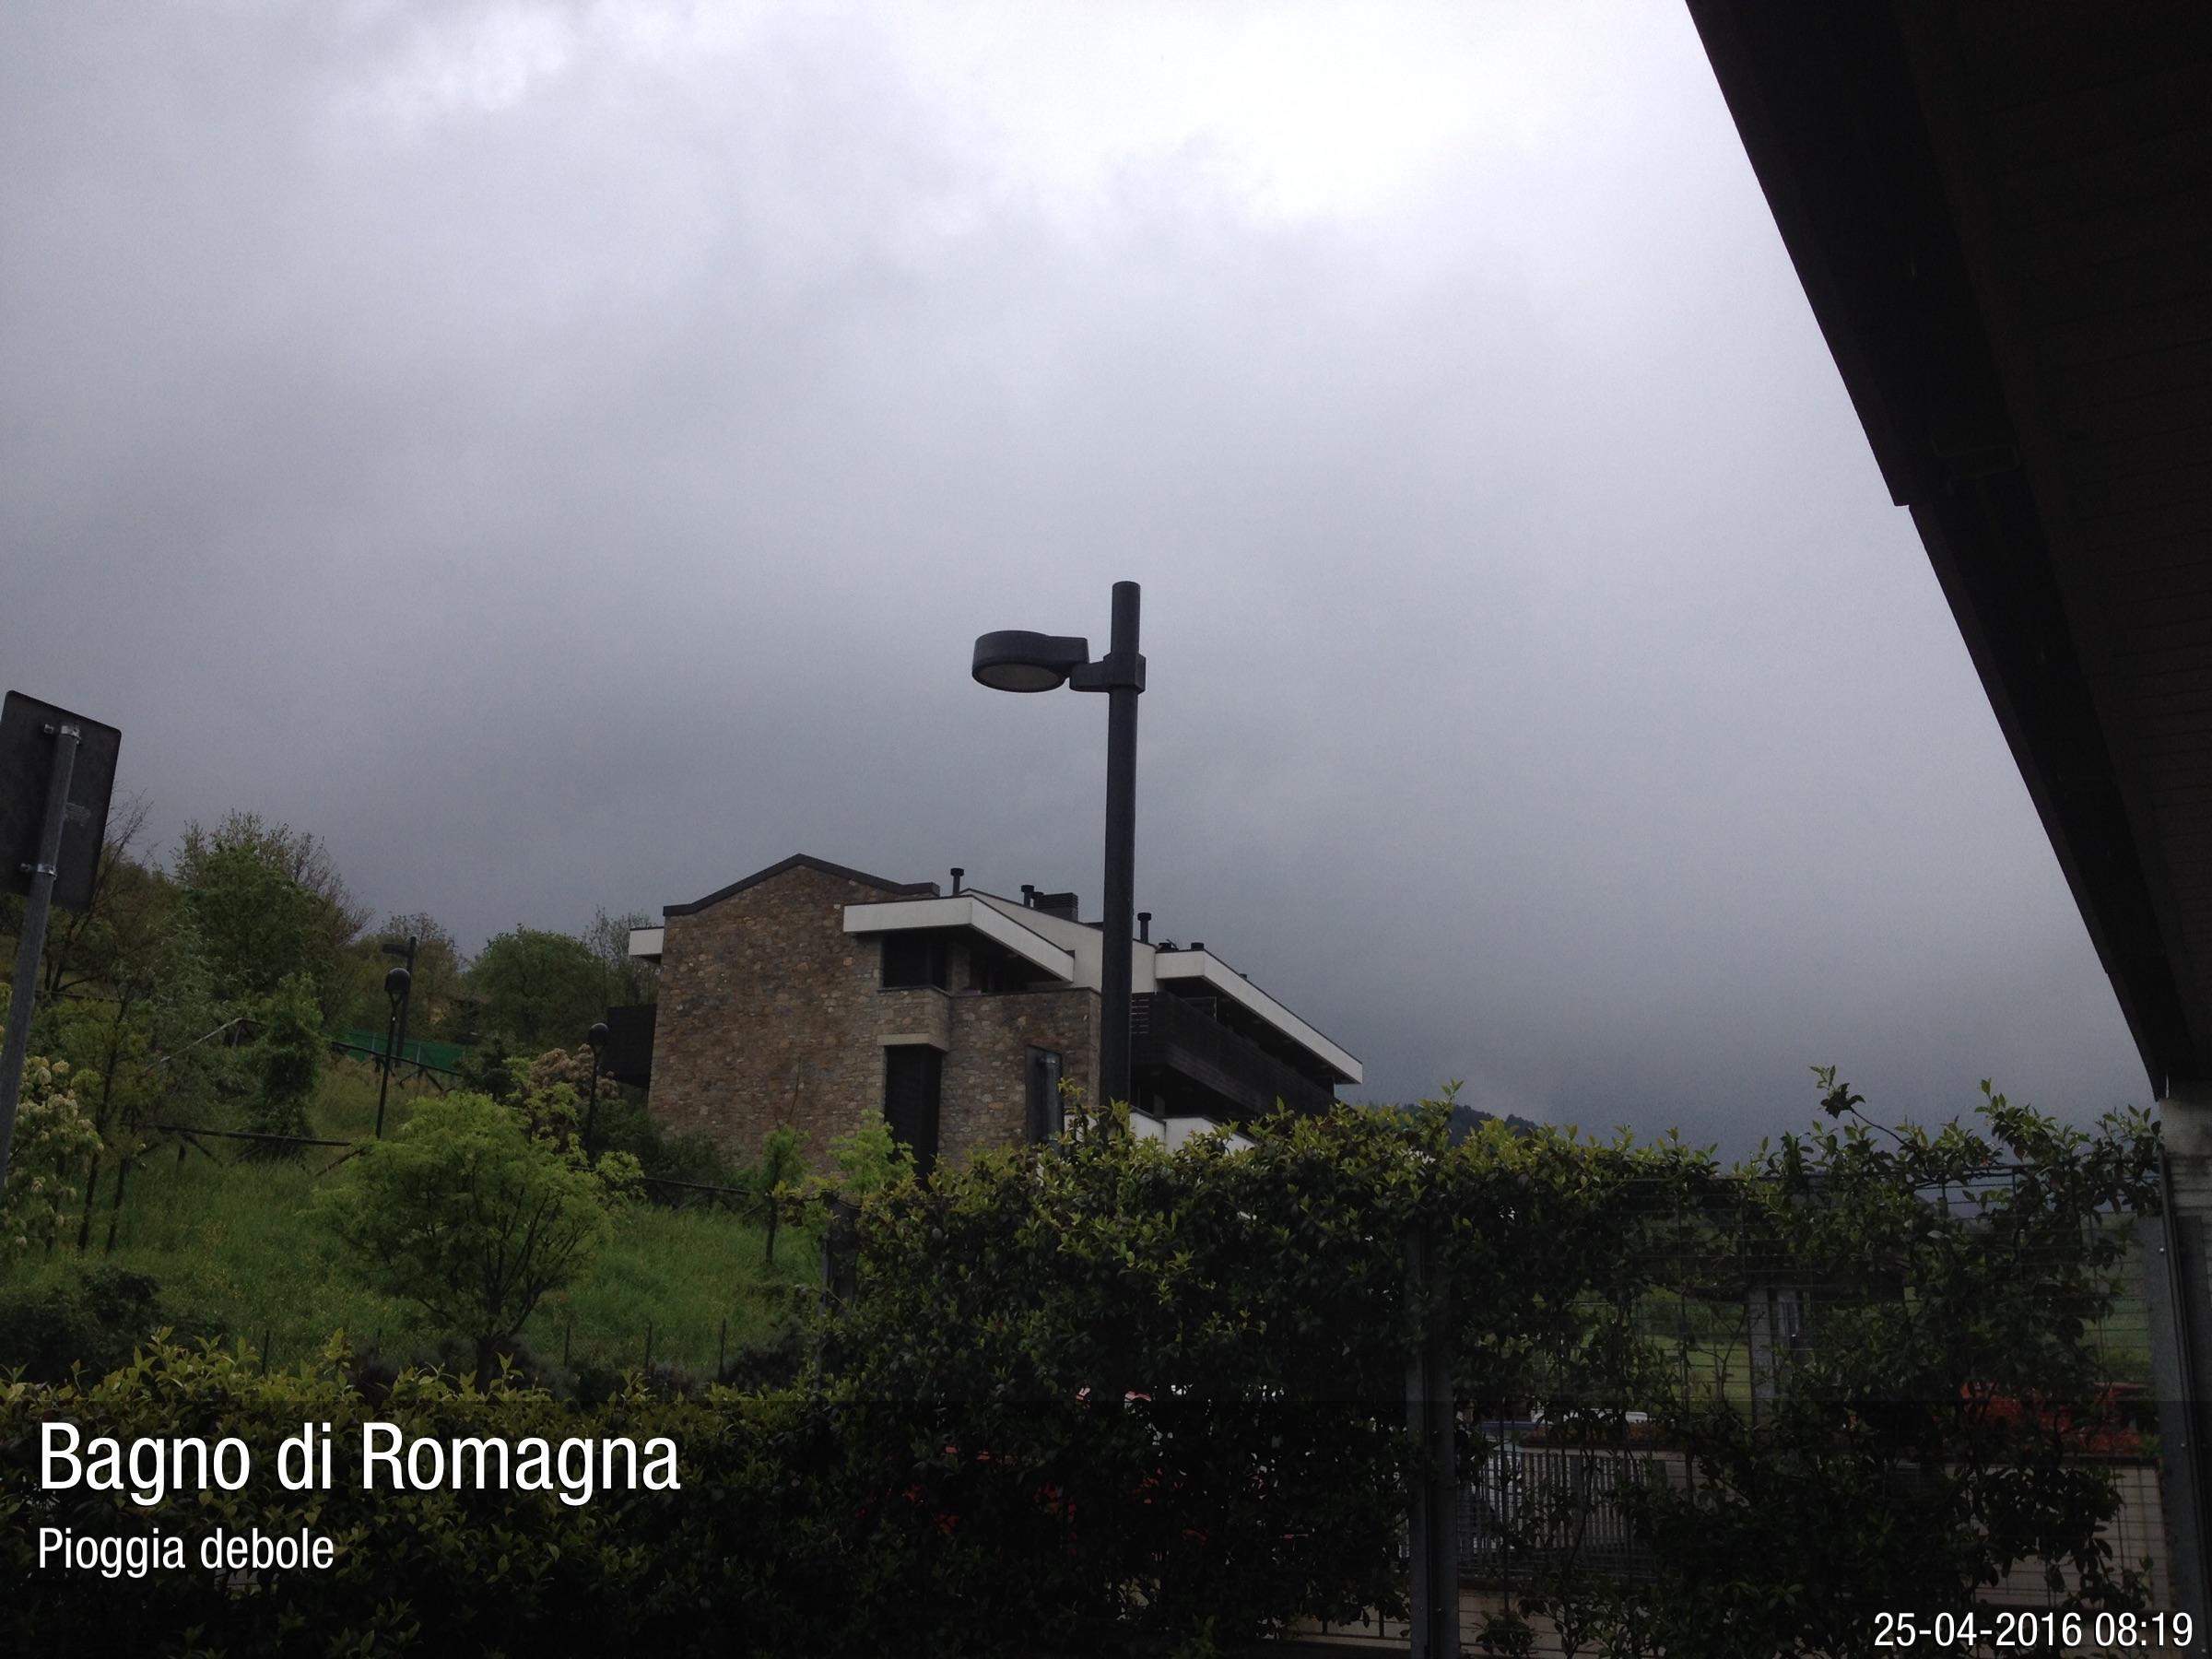 Foto meteo - Bagno di Romagna - Bagno di Romagna ore 8:19 » ILMETEO.it